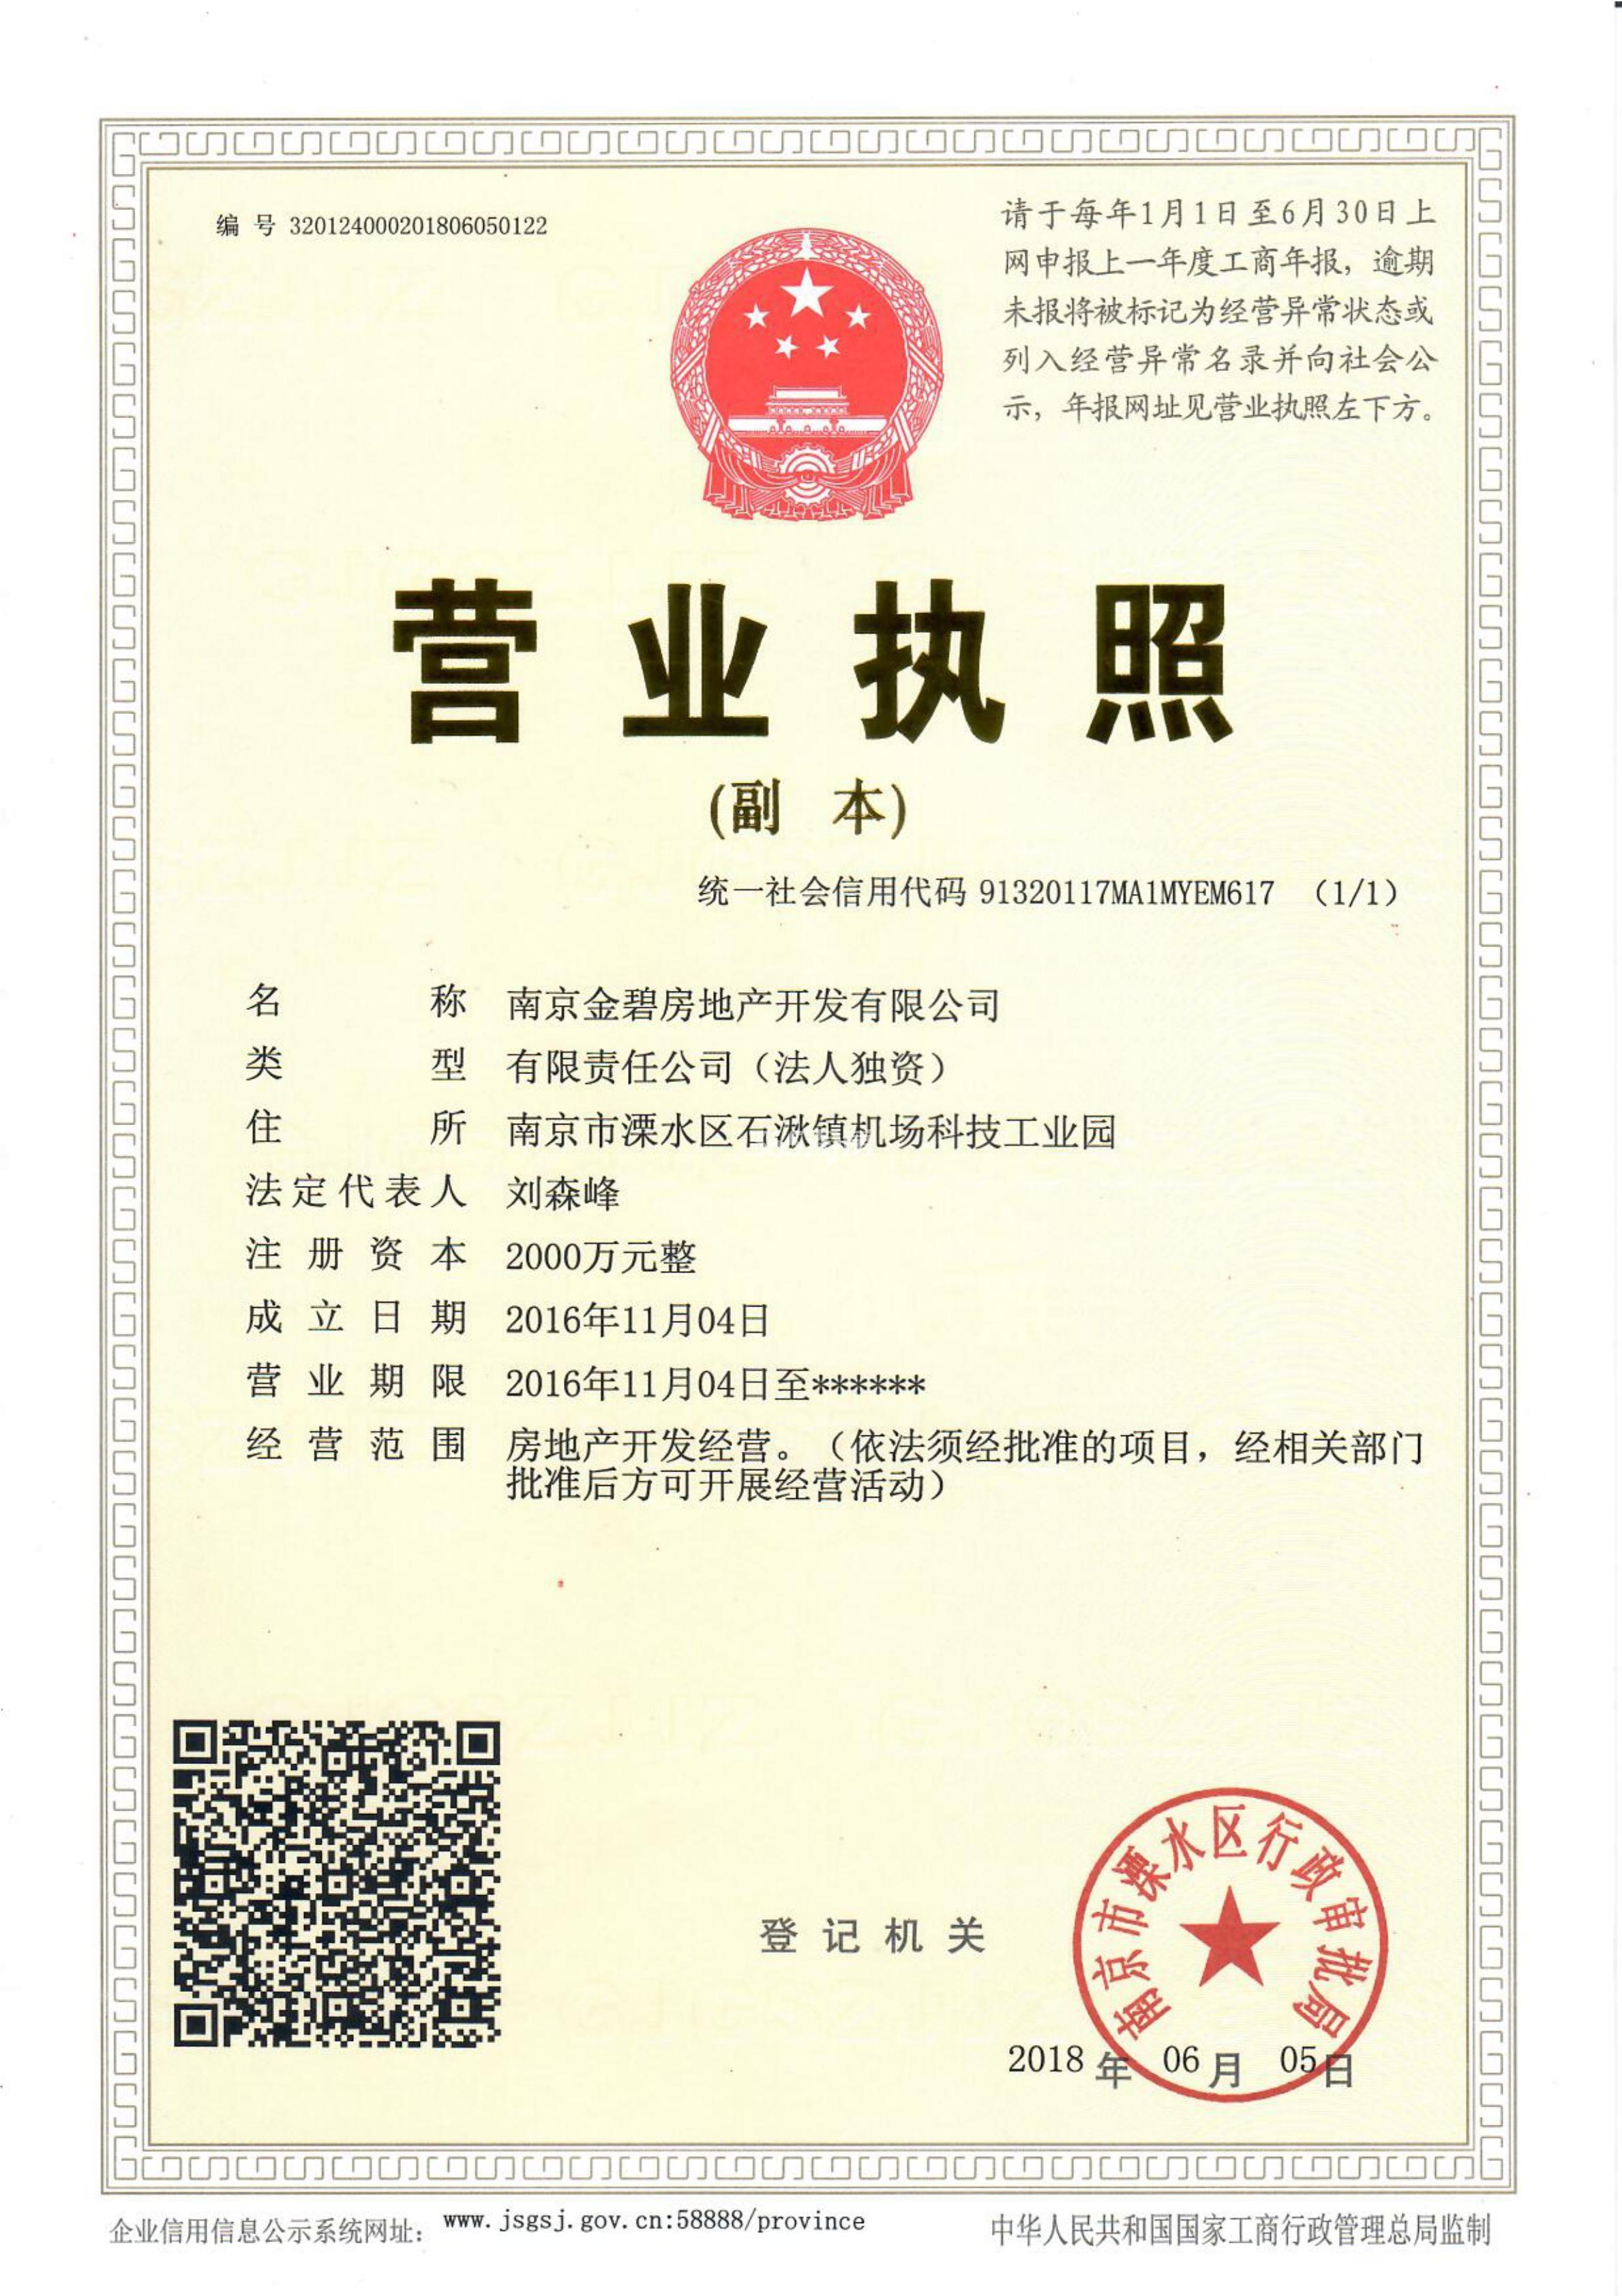 碧桂园S1秦淮世家销售证照